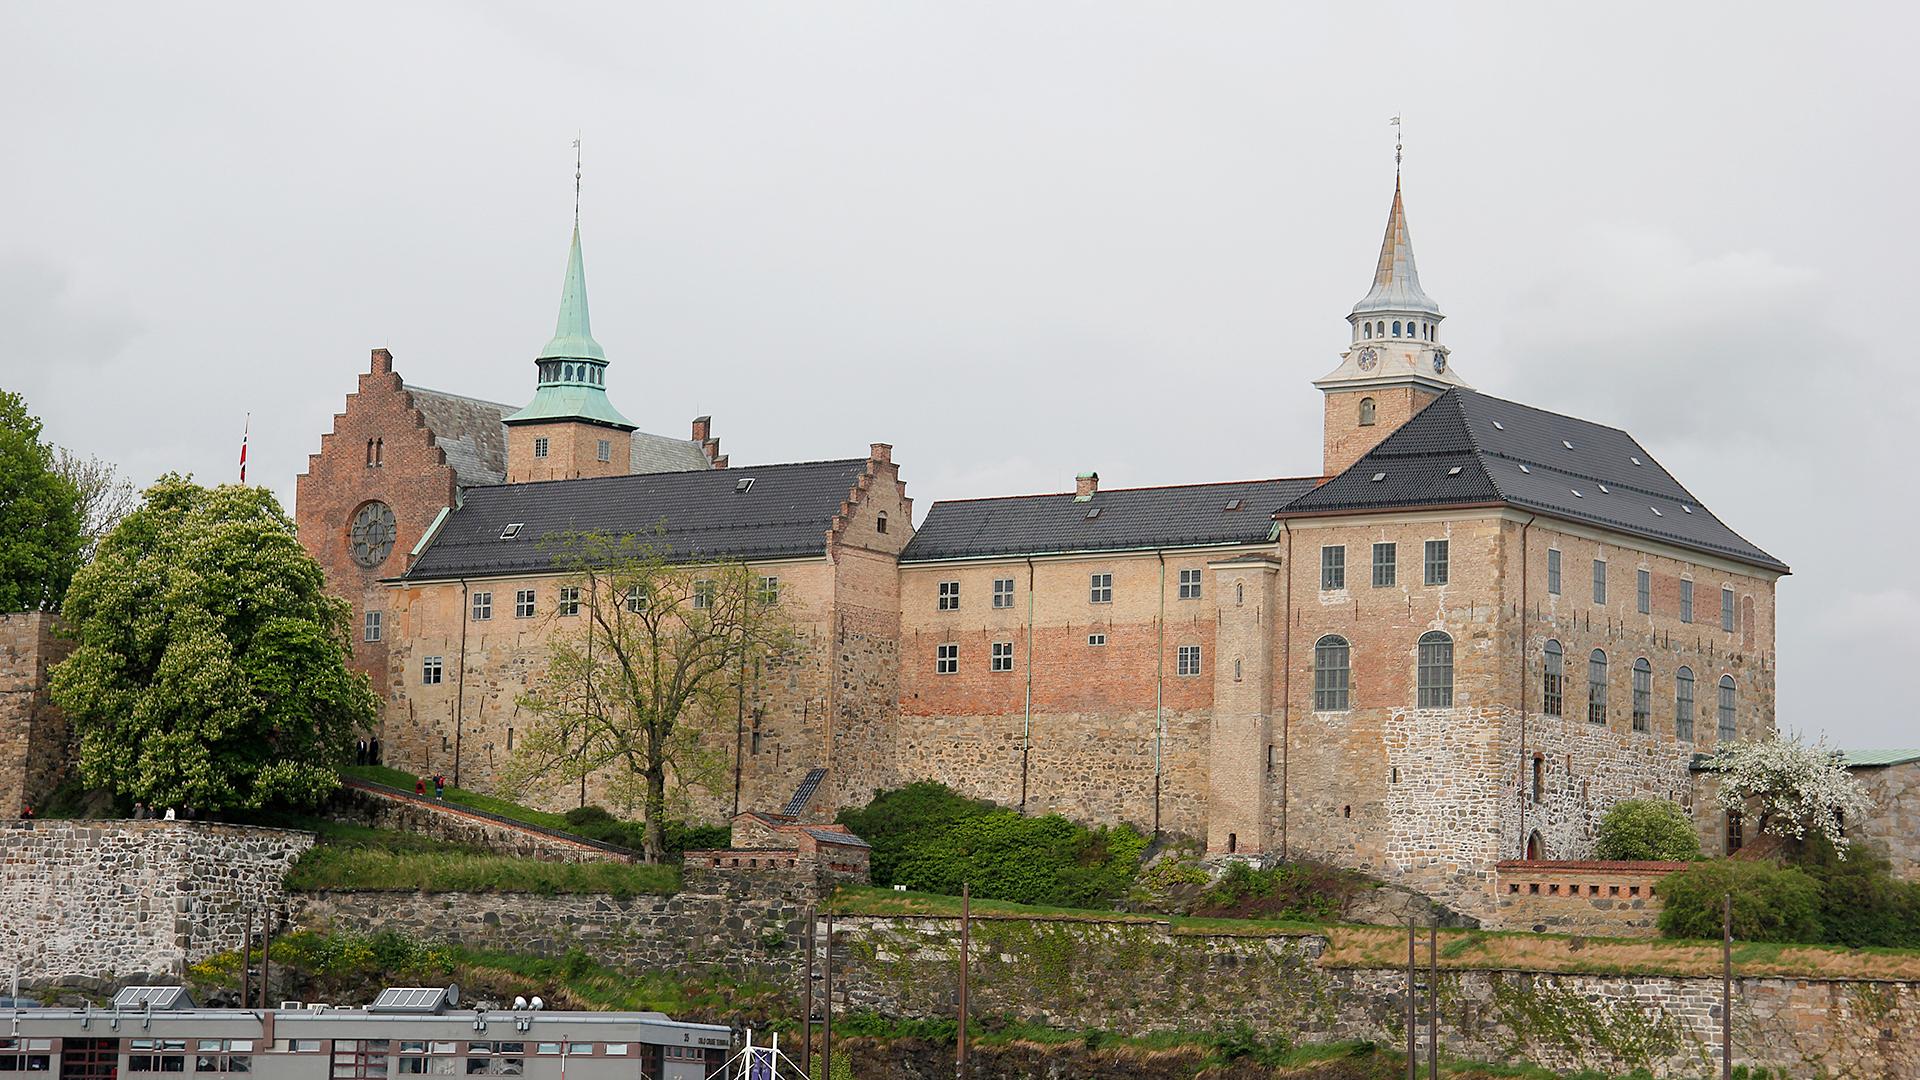 Akershus Festning sett fra sjøsiden. Foto: Dagfinn Rasmussen, Riksantikvaren.